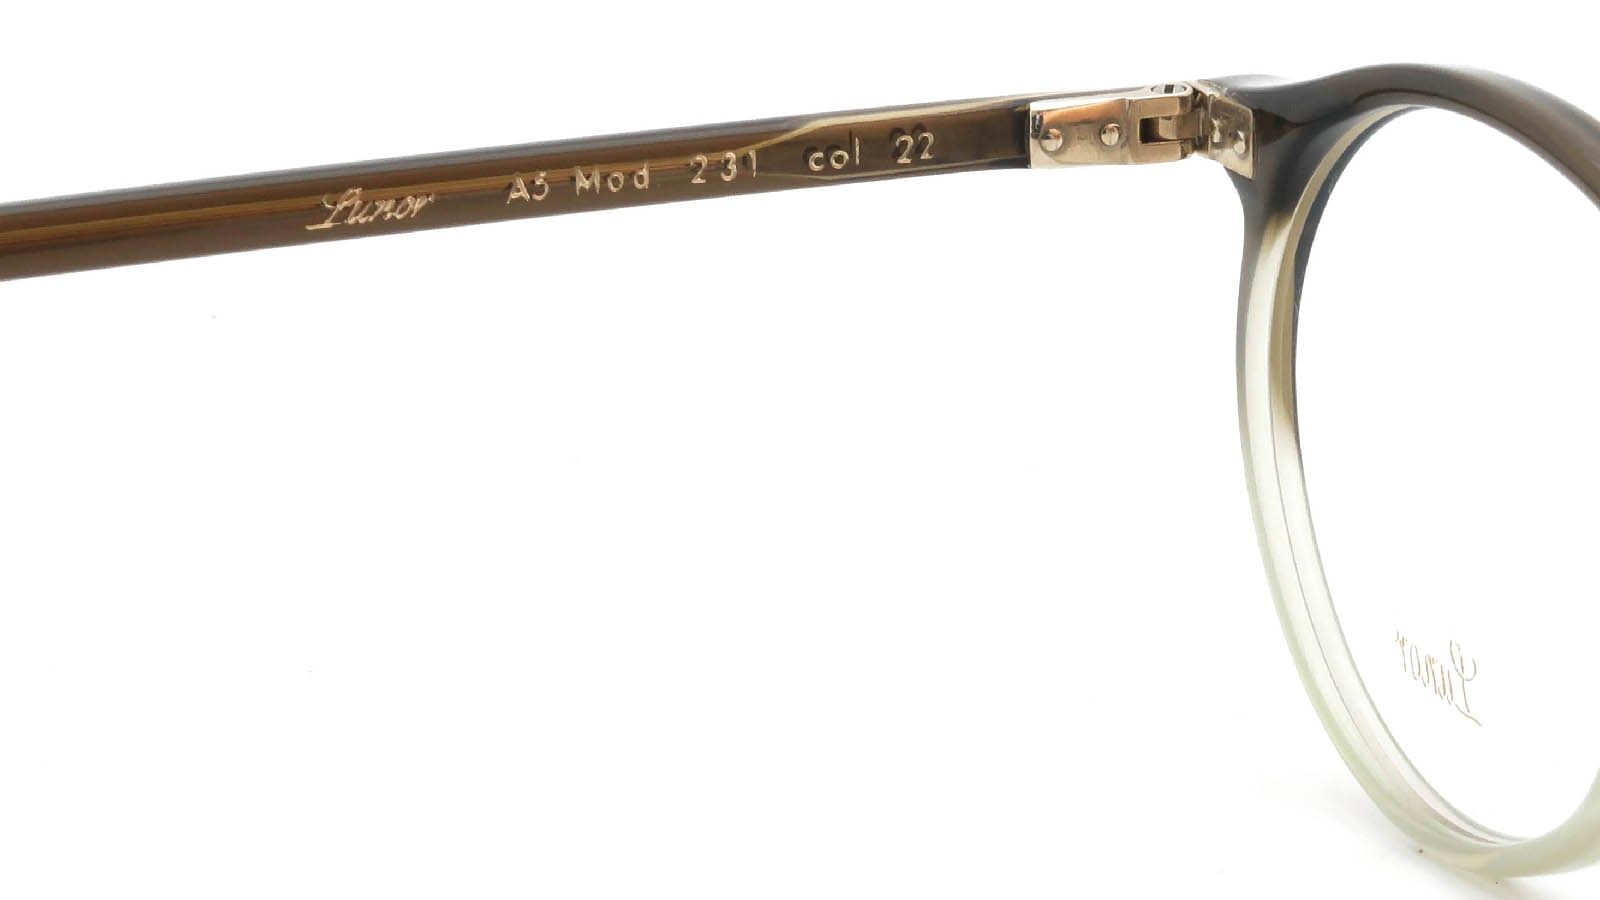 LUNOR Lunor-A5 mod.231 9